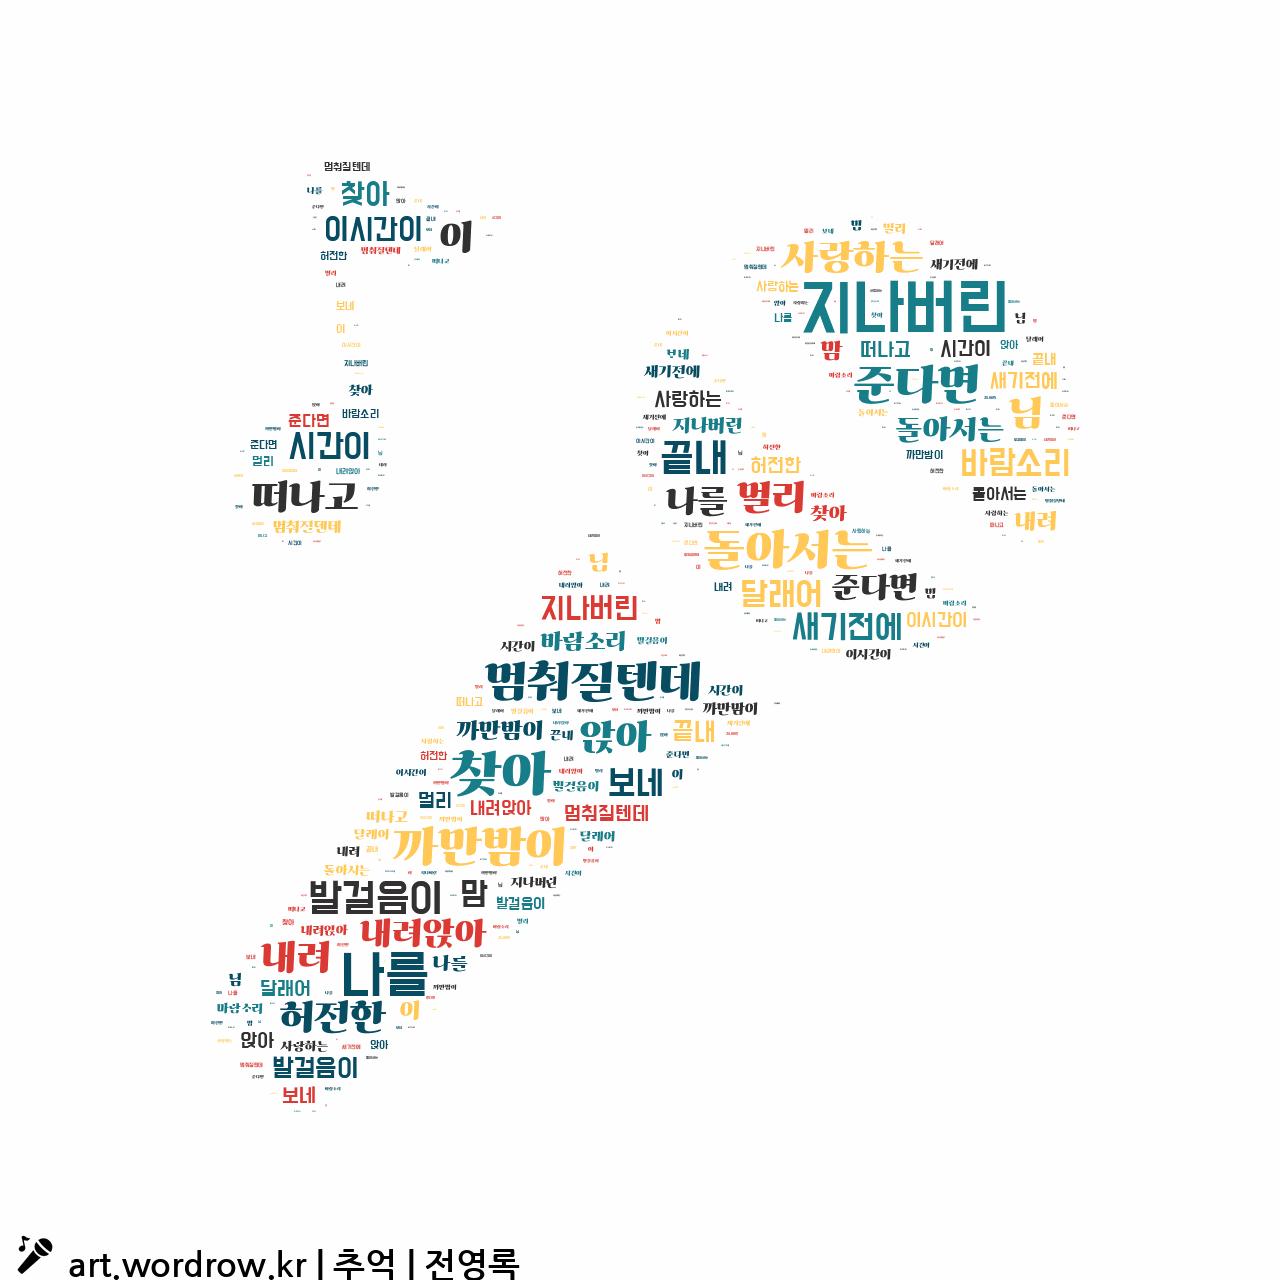 워드 클라우드: 추억 [전영록]-18